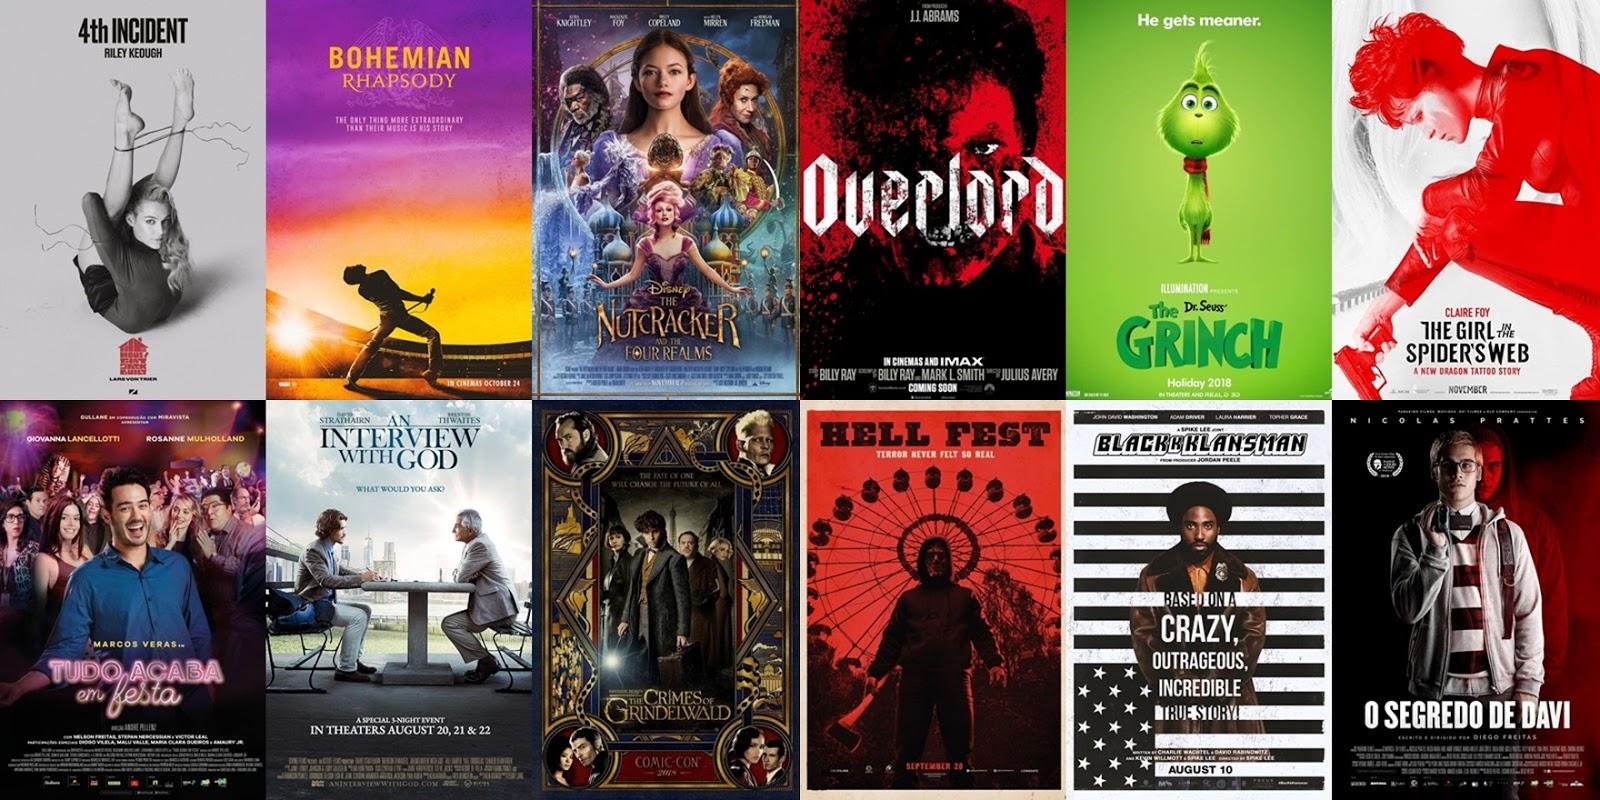 Calendário: Todas as estreias do mês de Novembro